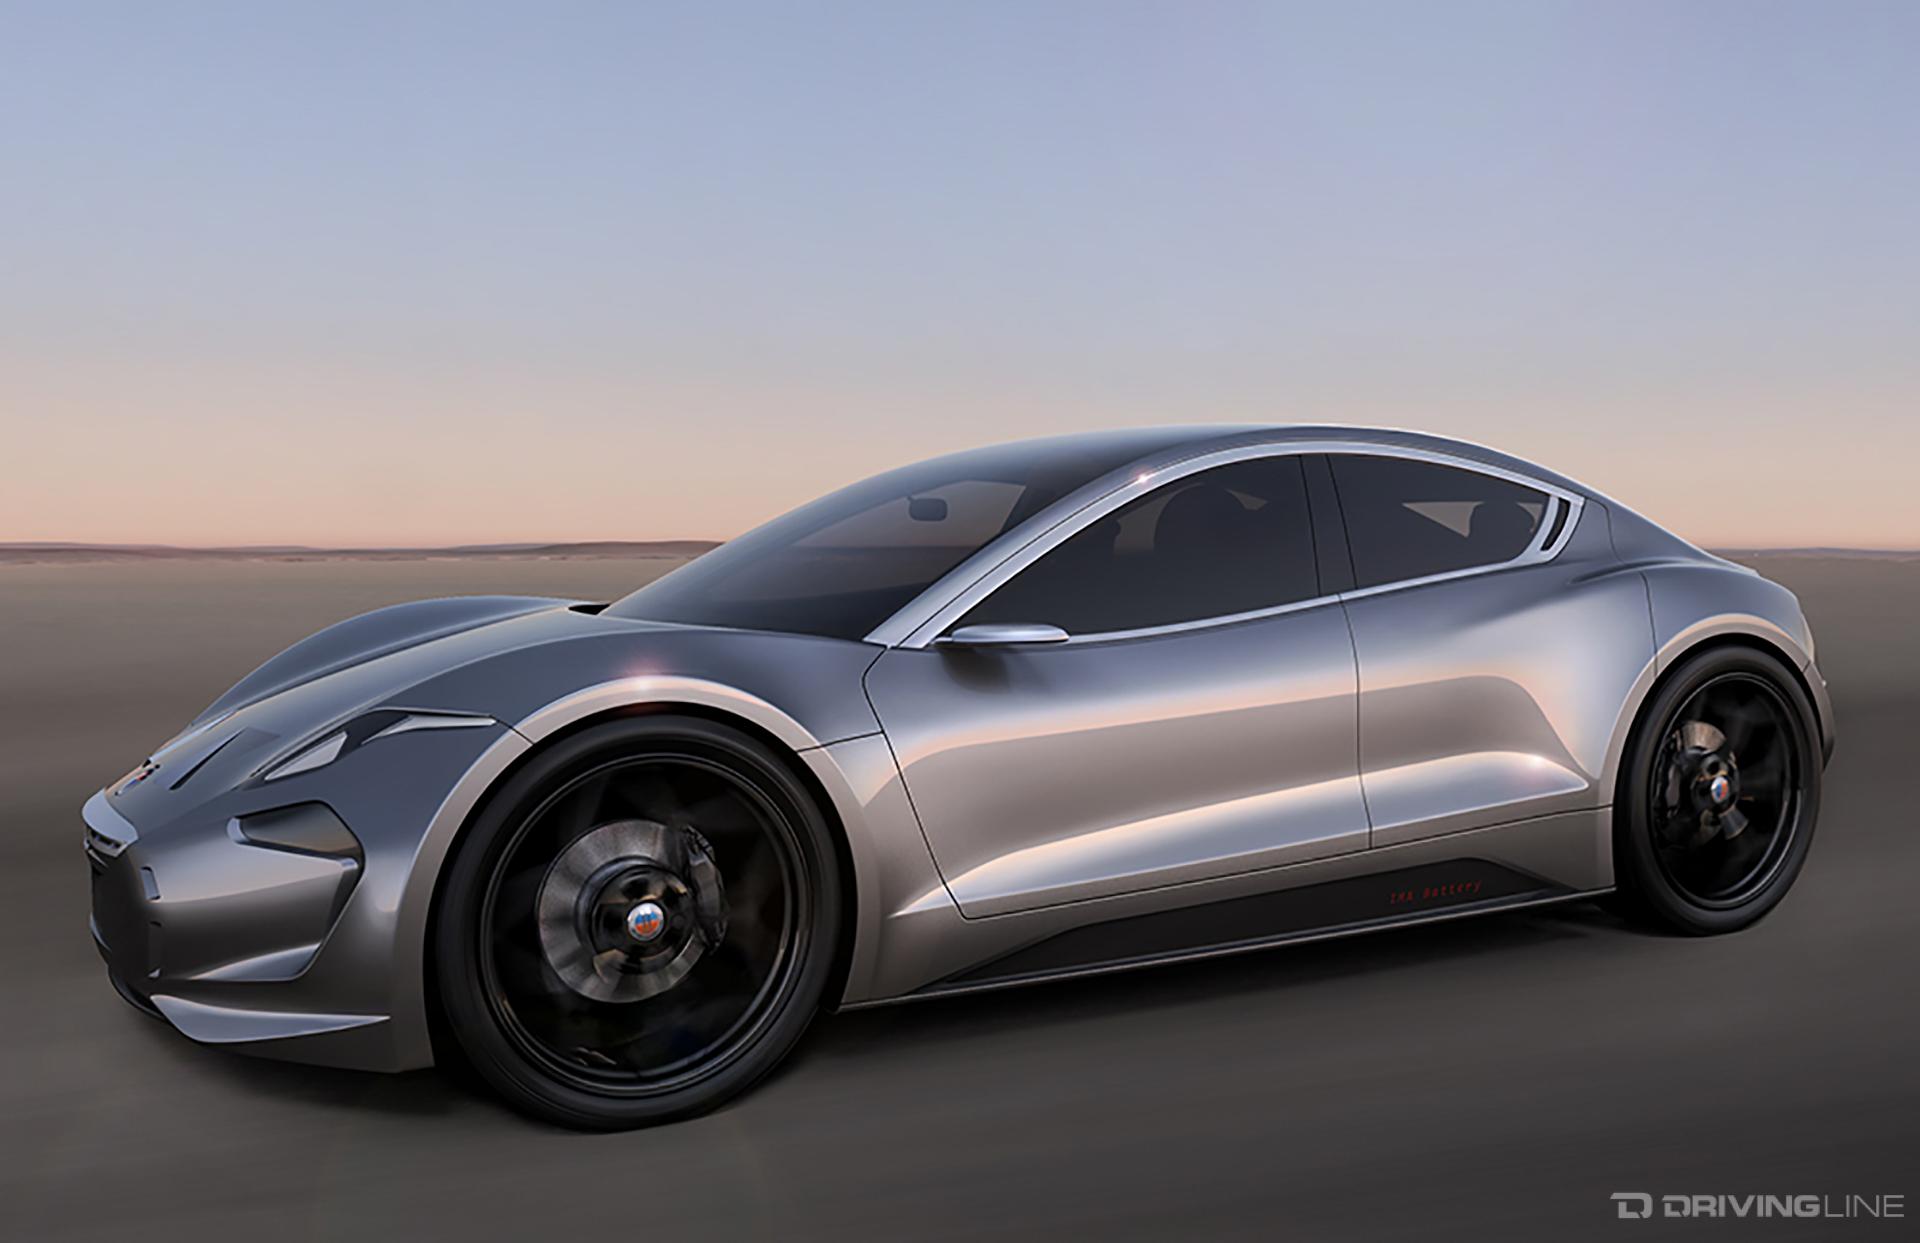 کمپانی فیسکر در رویداد CES 2018 خودرویی مجلل را برای رقابت با تسلا معرفی خواهد کرد